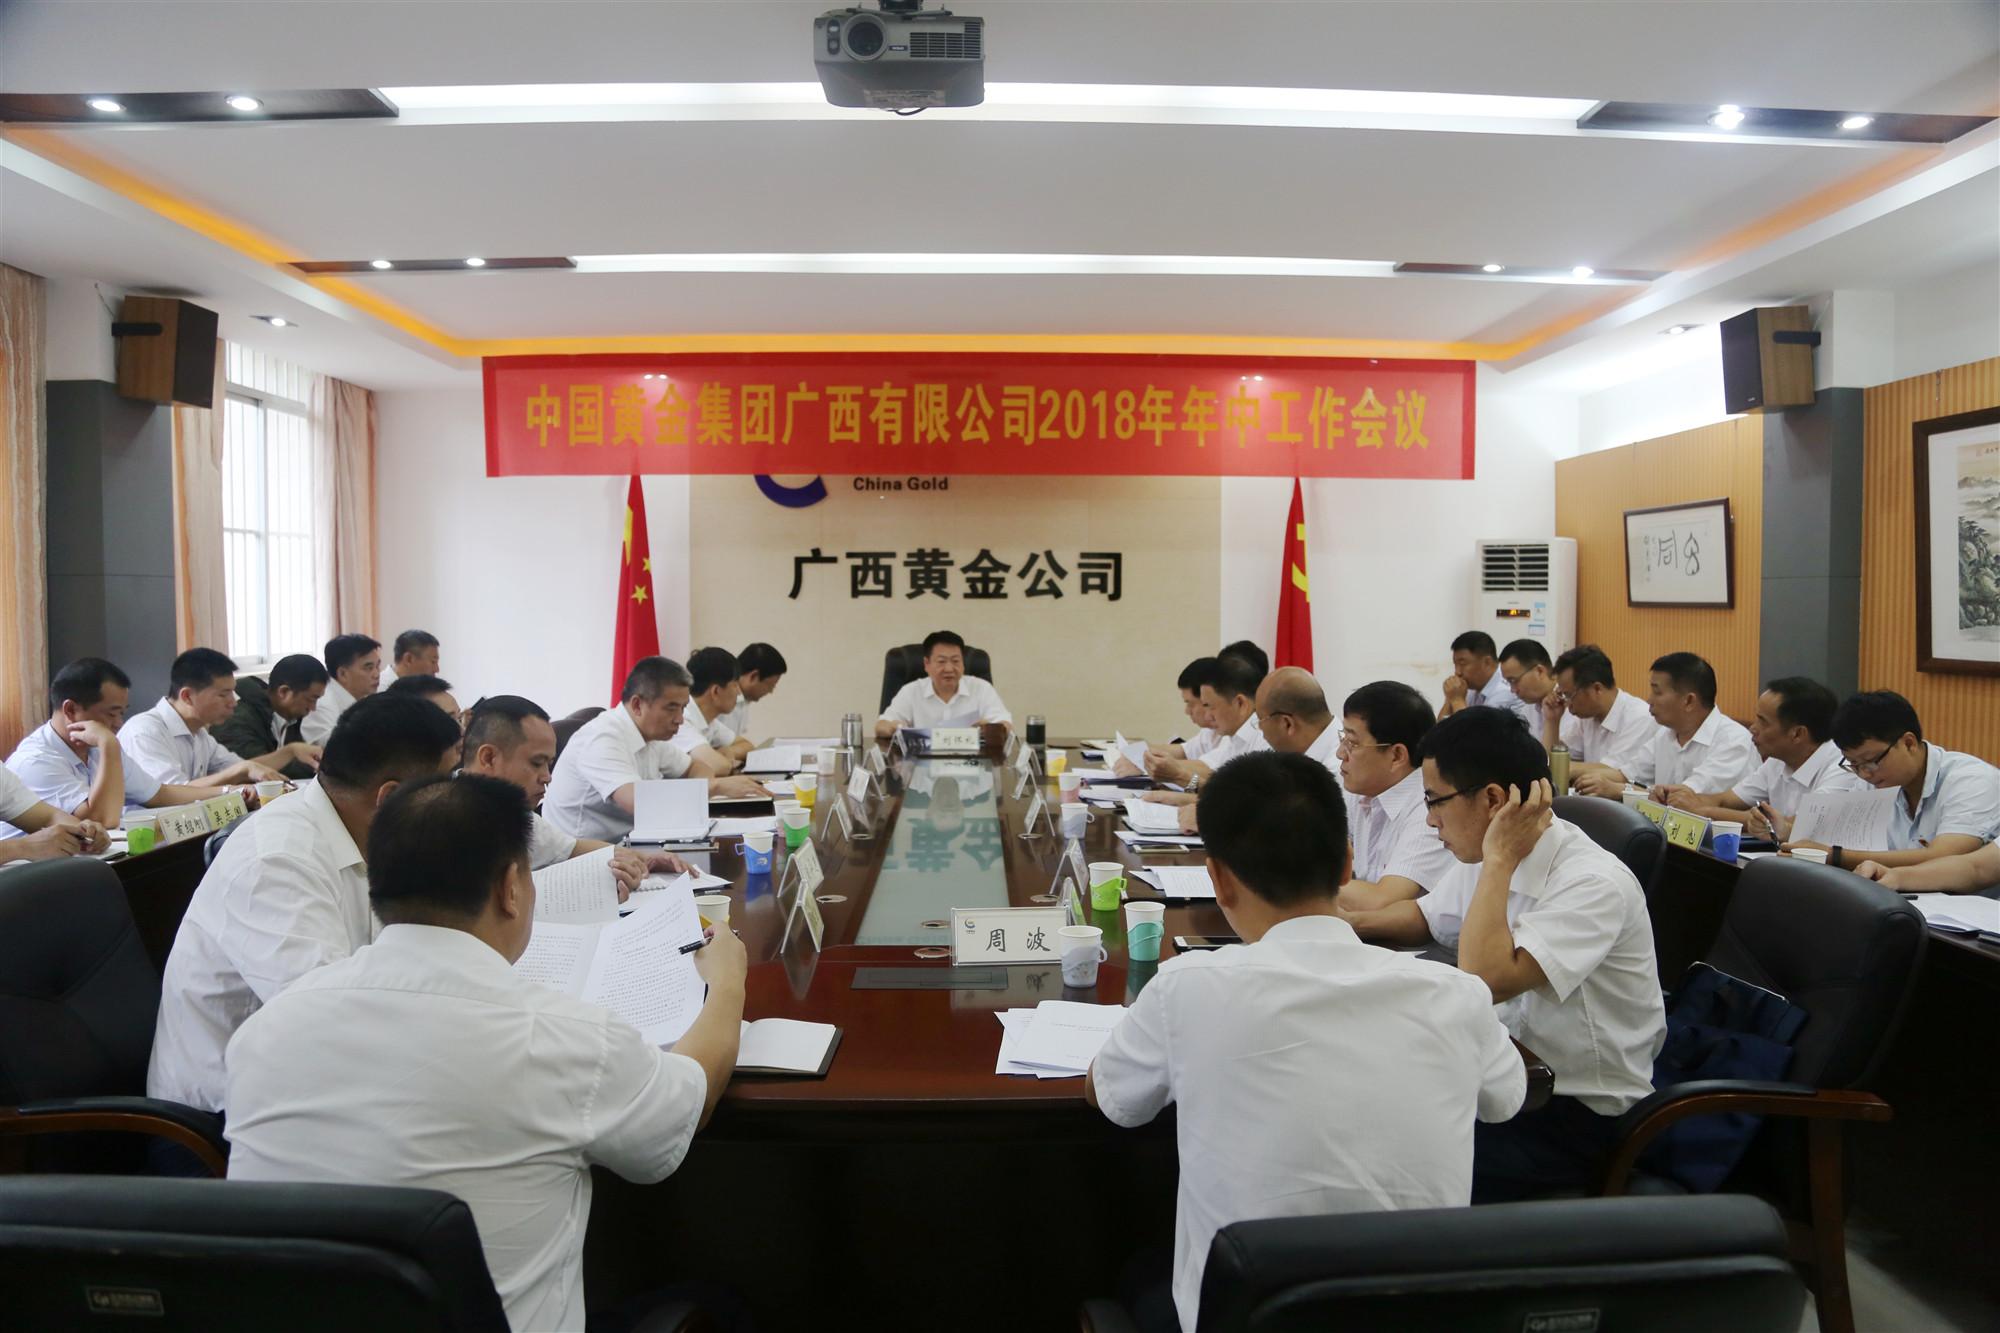 中國黃金集團廣西有限公司2018年年中工作會議